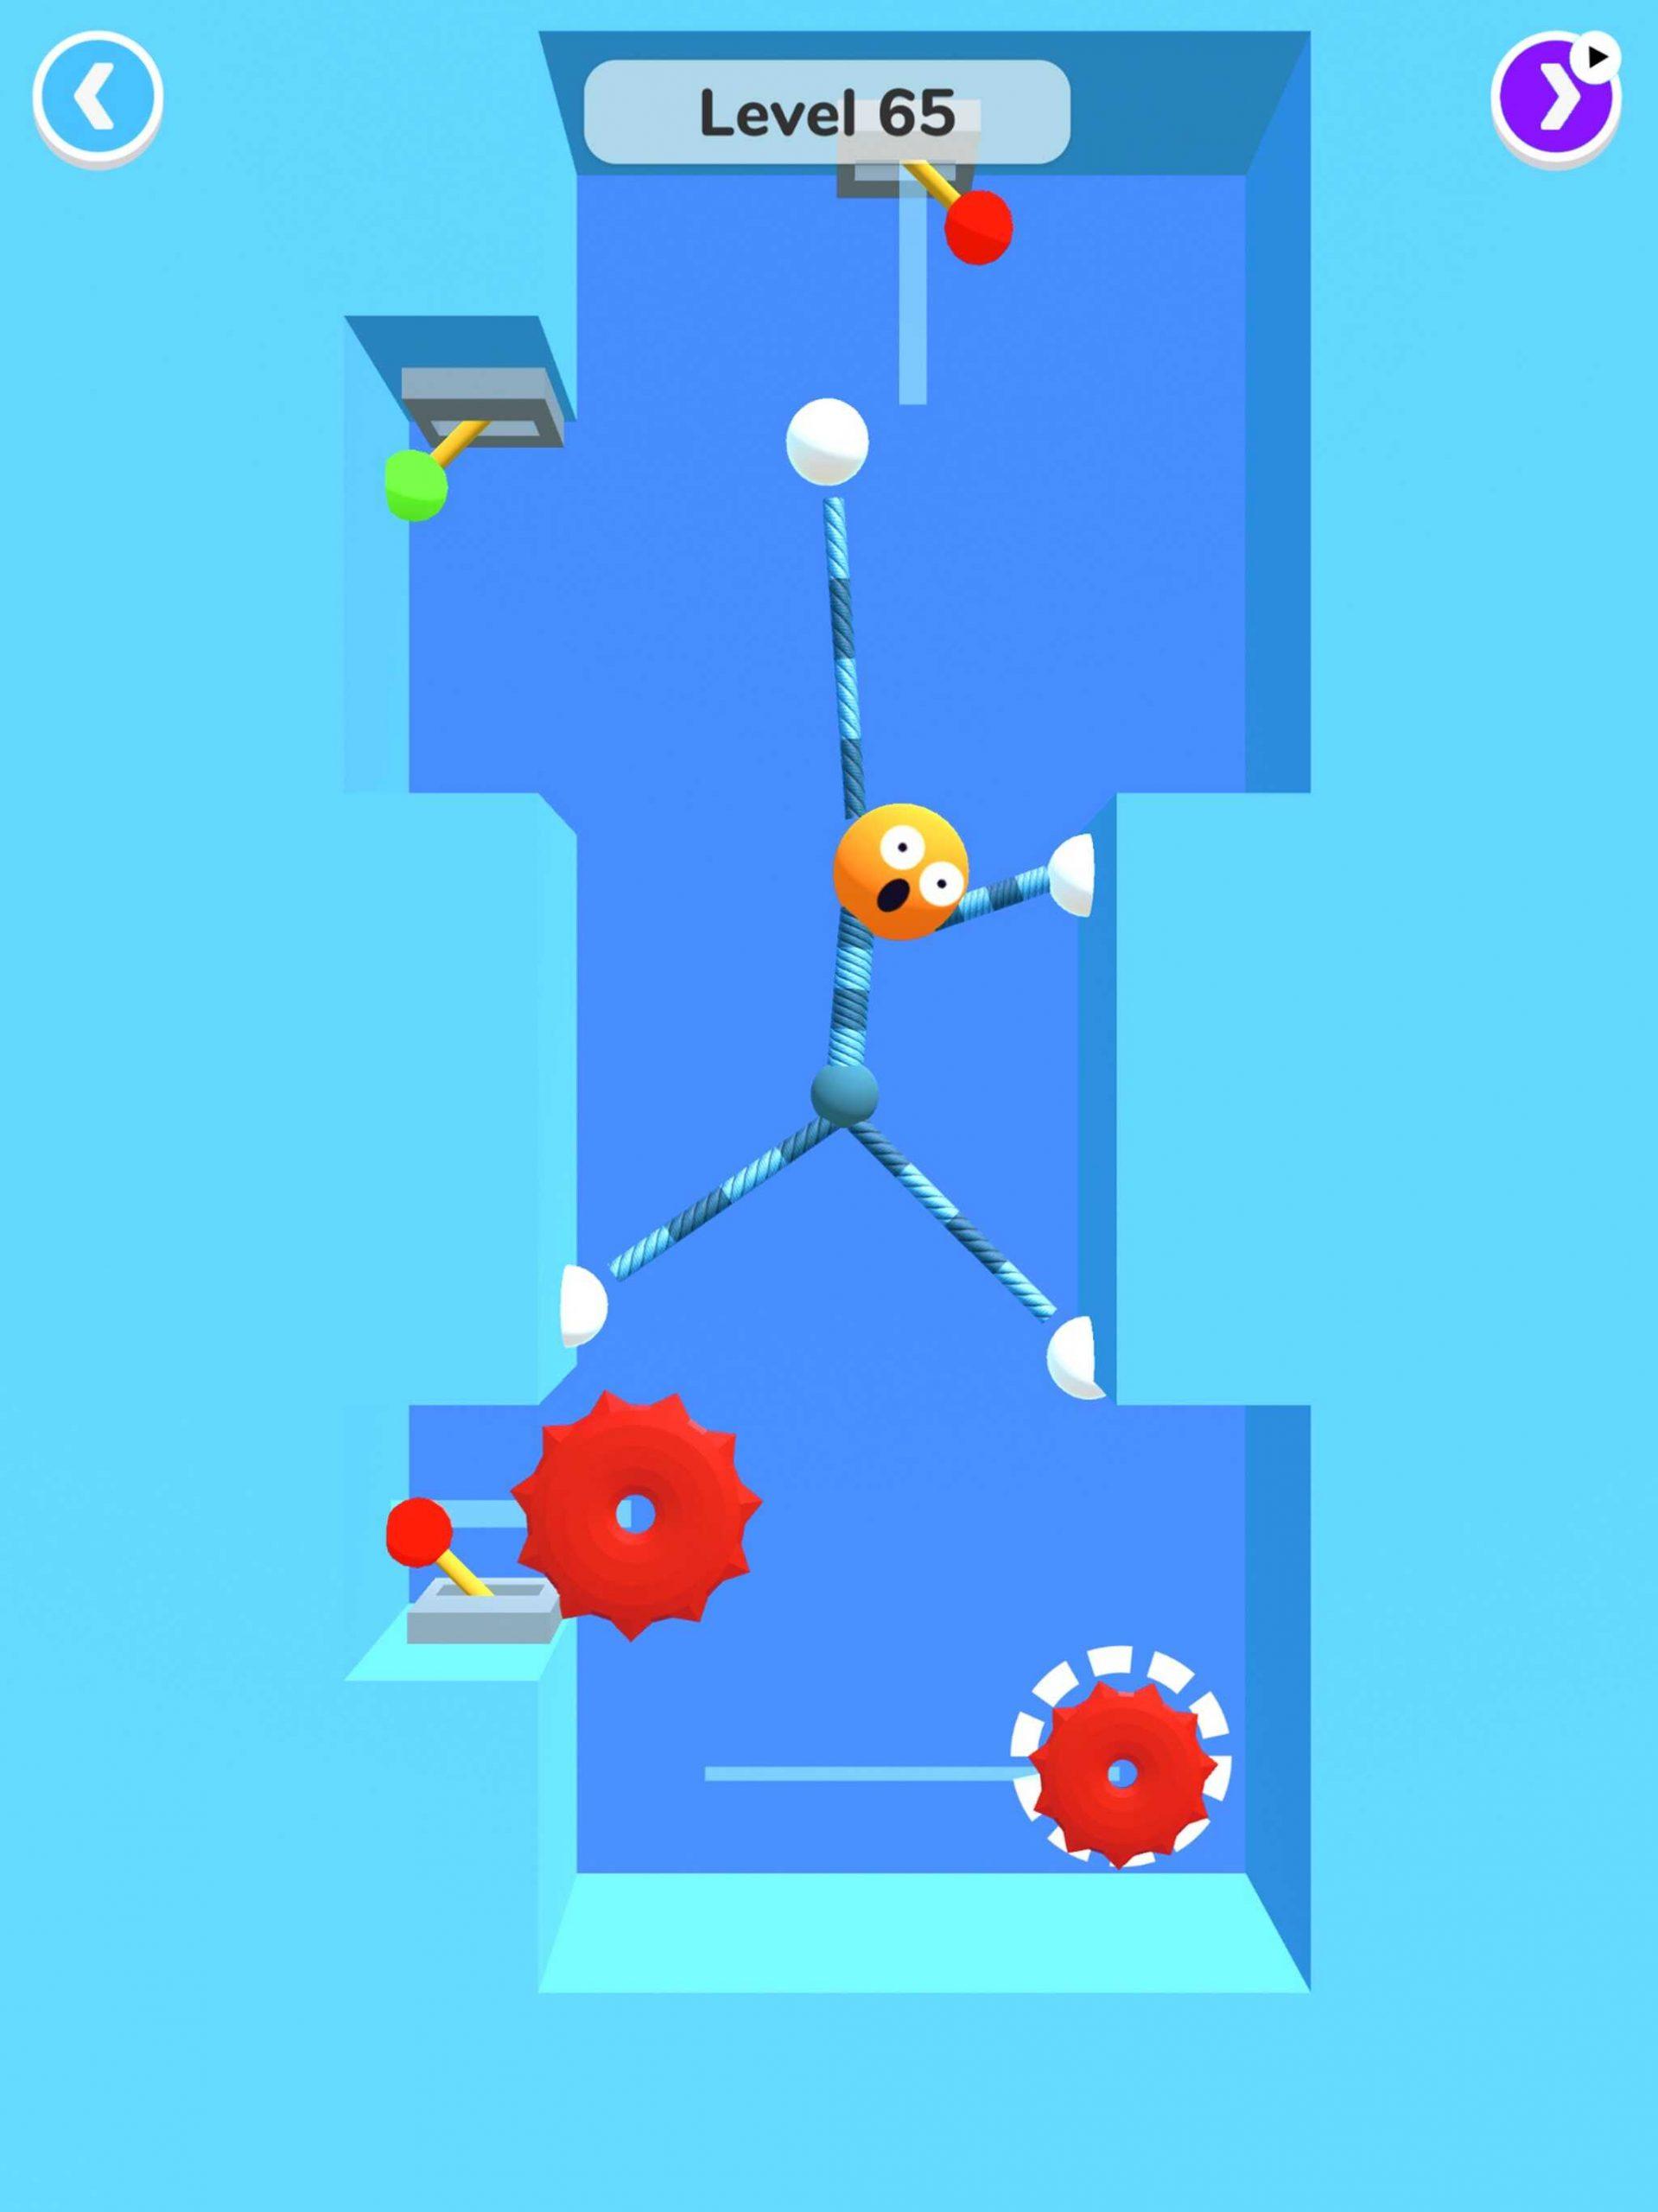 Stretch Guyは面白いのか! Ysoリリースのハイパーカジュアルゲームをレビュー